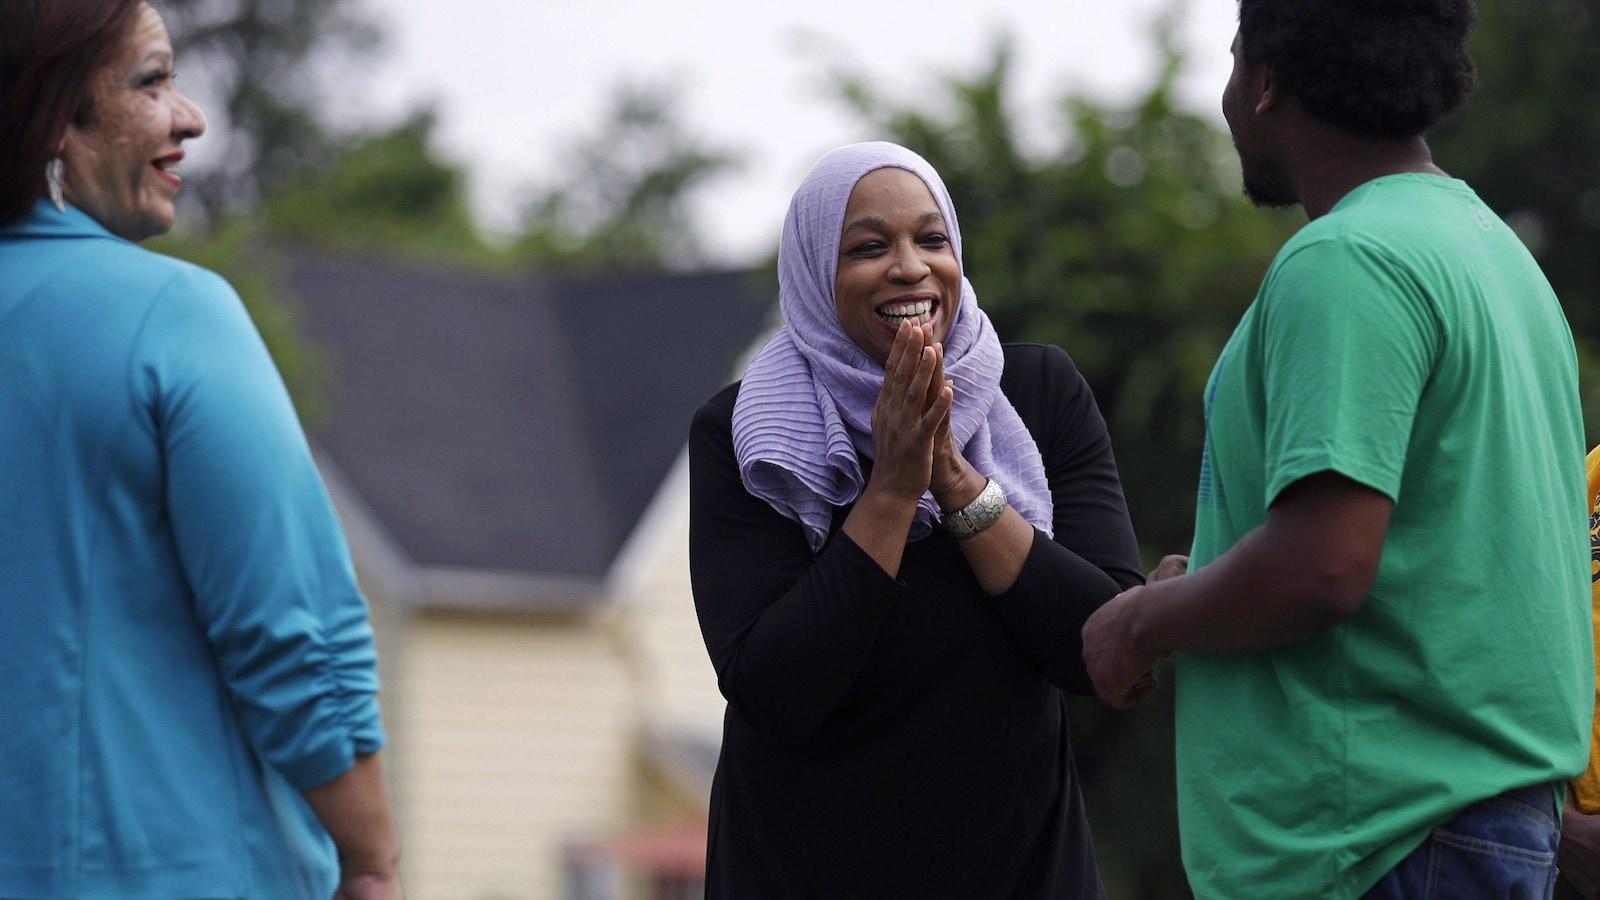 Tahirah Amatul-Wadud, entourée d'une femme et d'un homme.